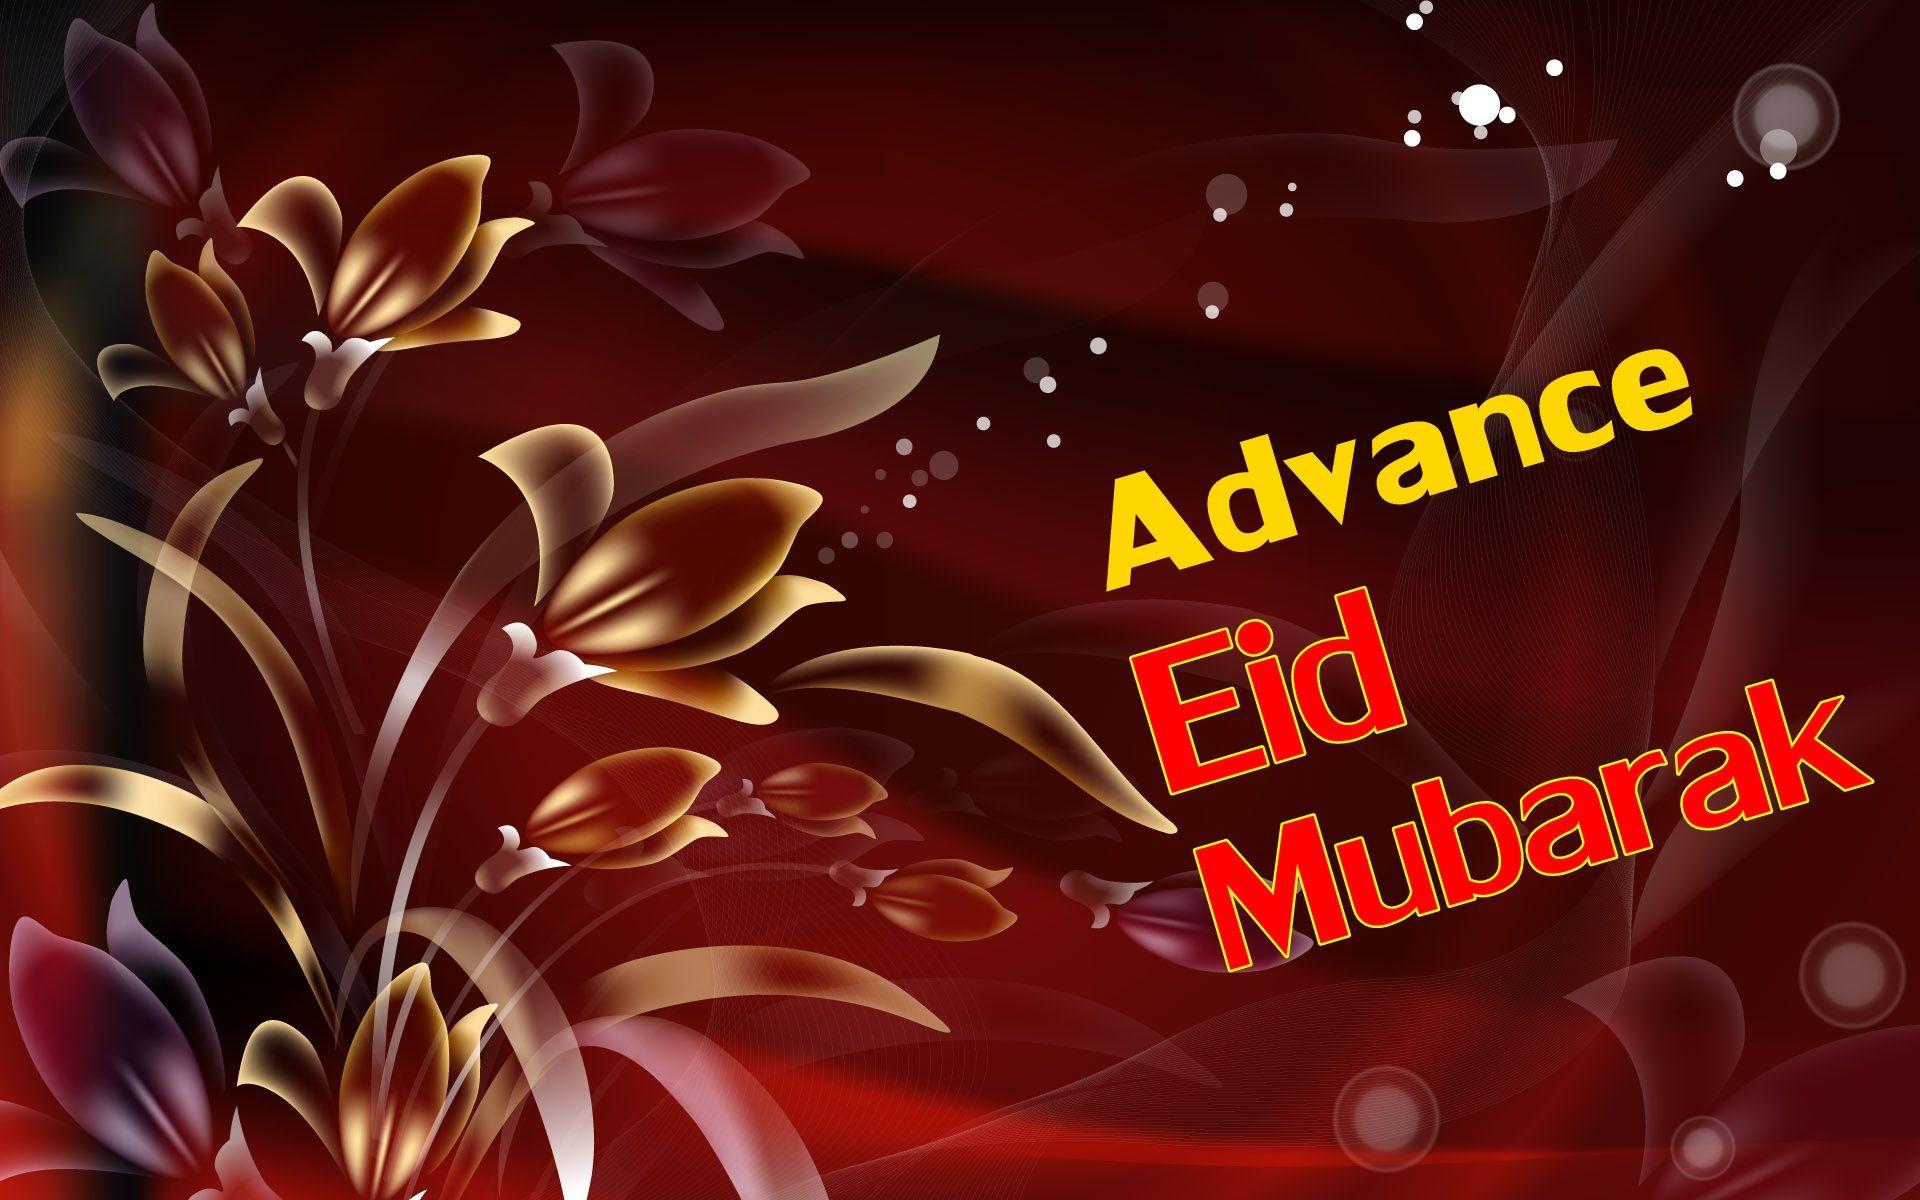 Advance Eid Mubarak Images Eid Mubarak Eid Mubarak Pic